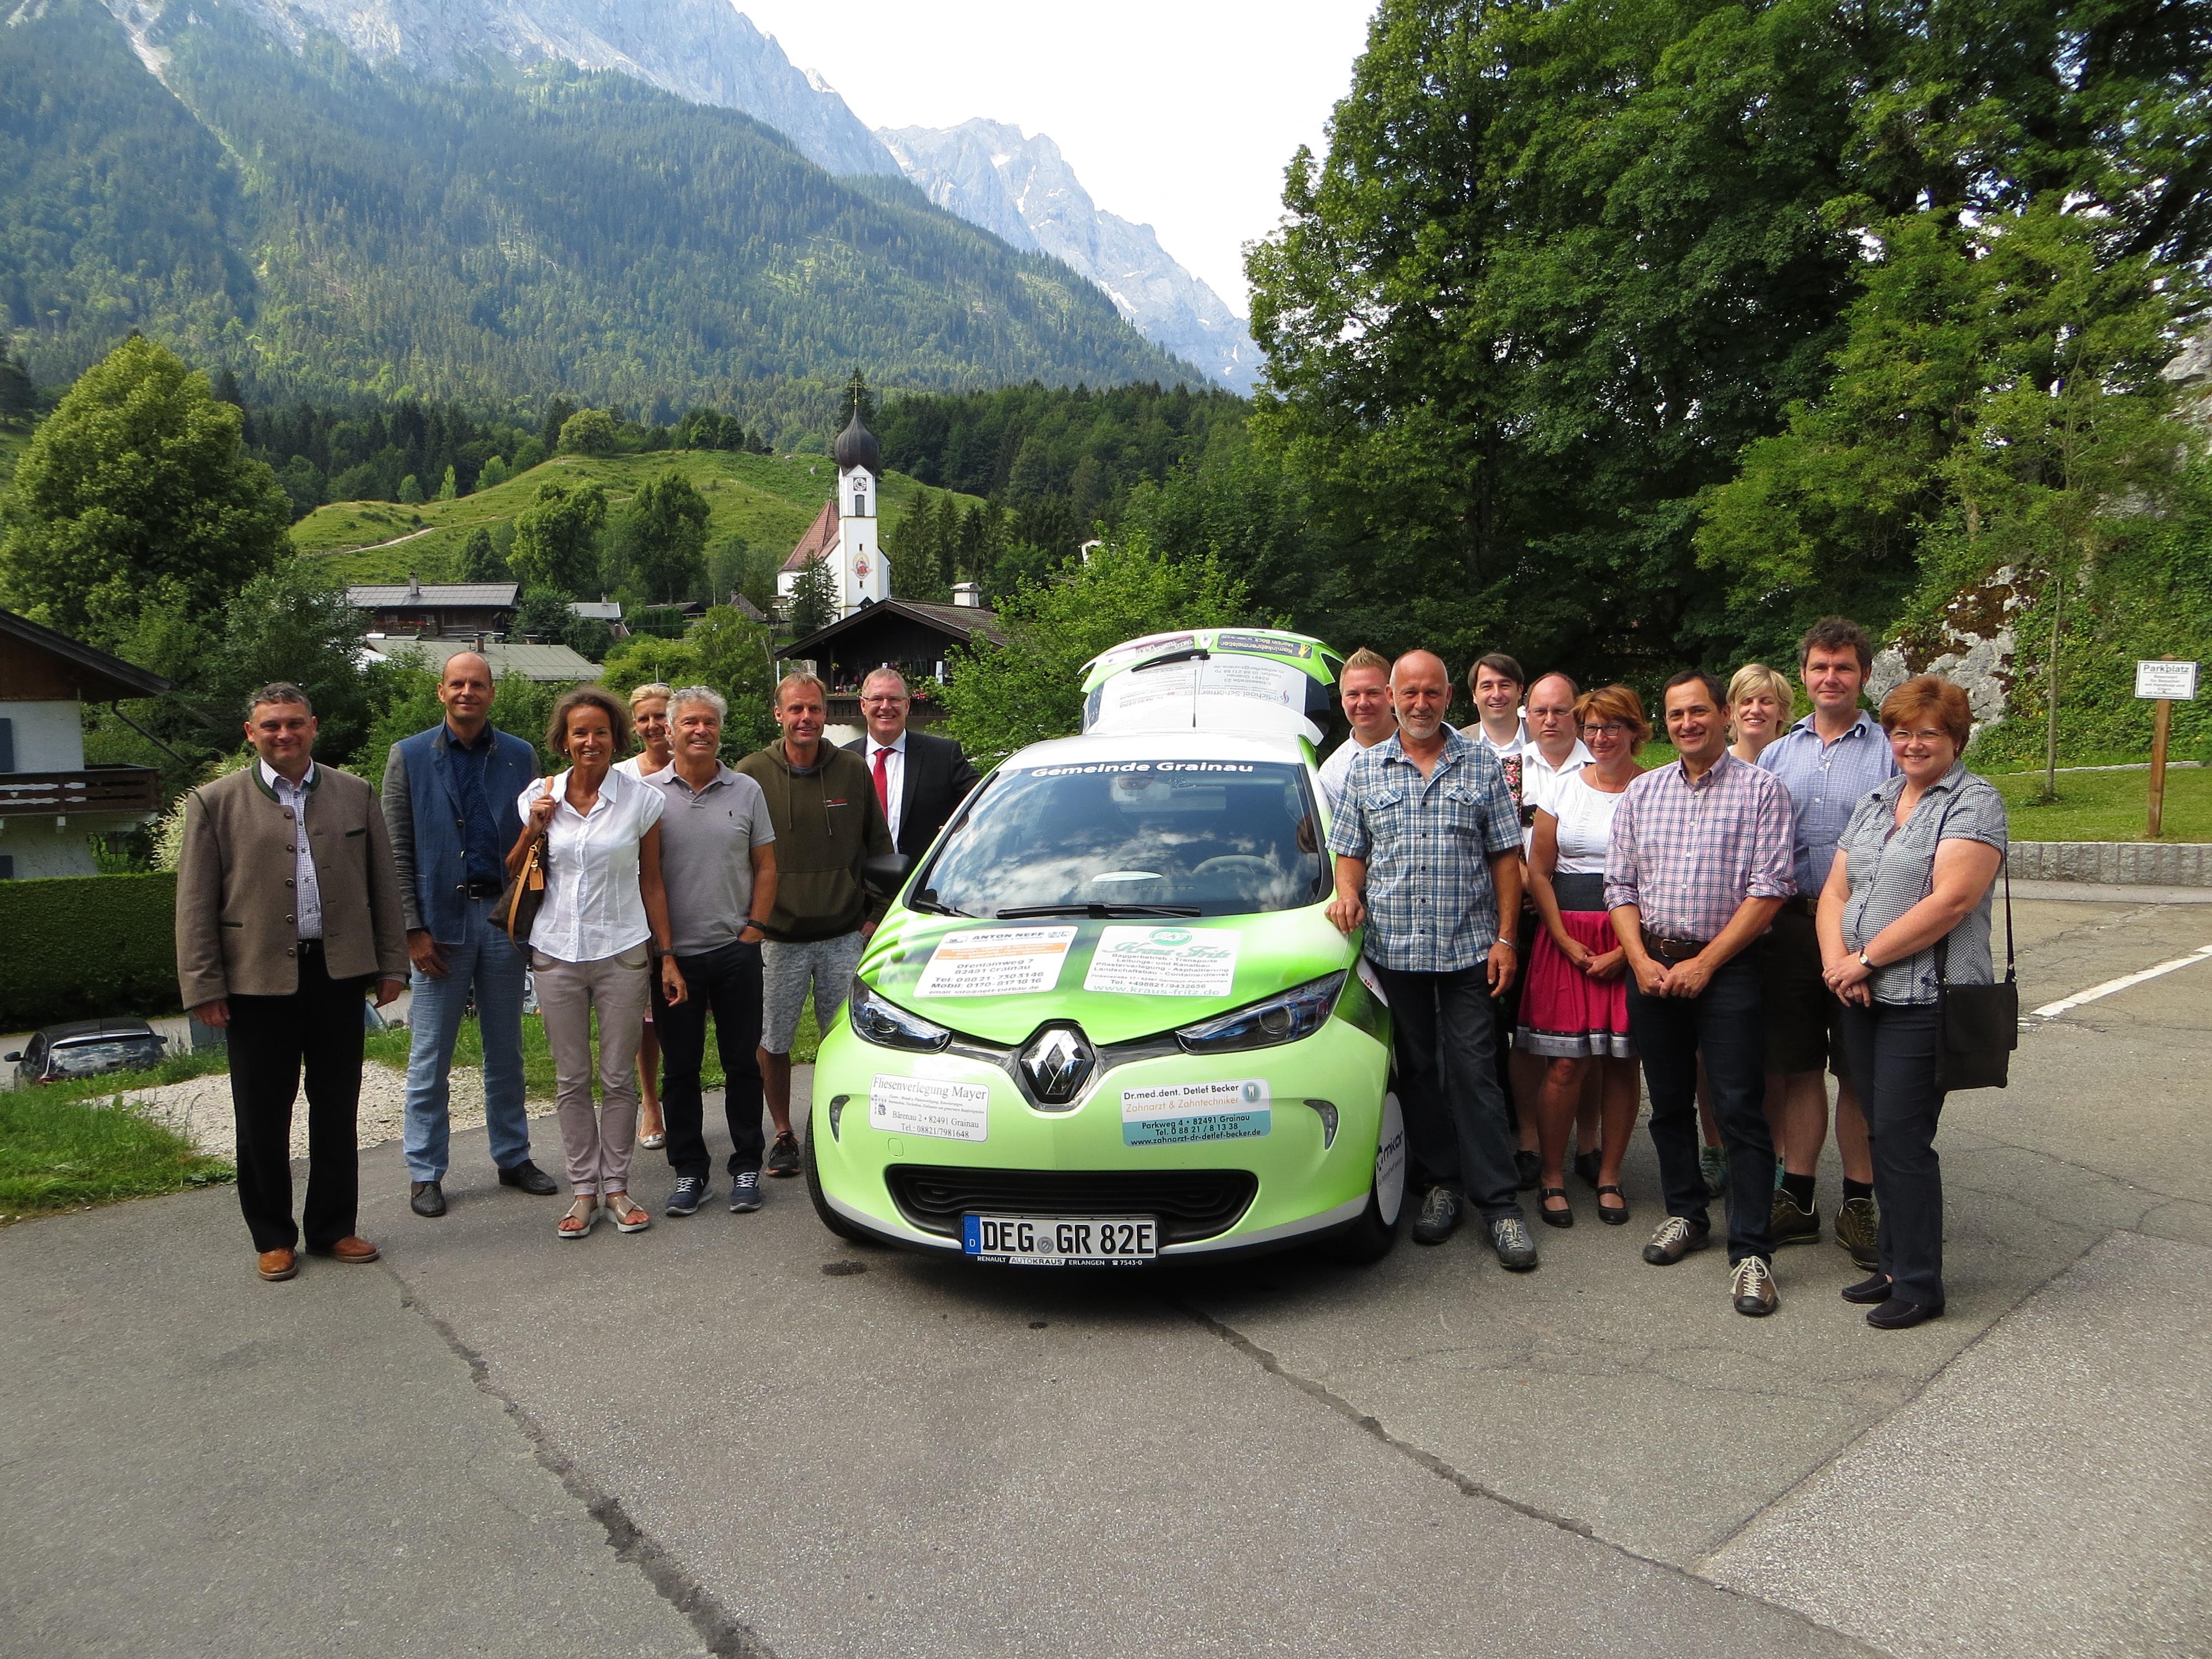 Bürgermeister Märkl (links) bedankte sich bei allen Sponsoren, die es ermöglichen, dass die Gemeinde für ihre Dienstfahren ein E-auto zur Verfügung steht